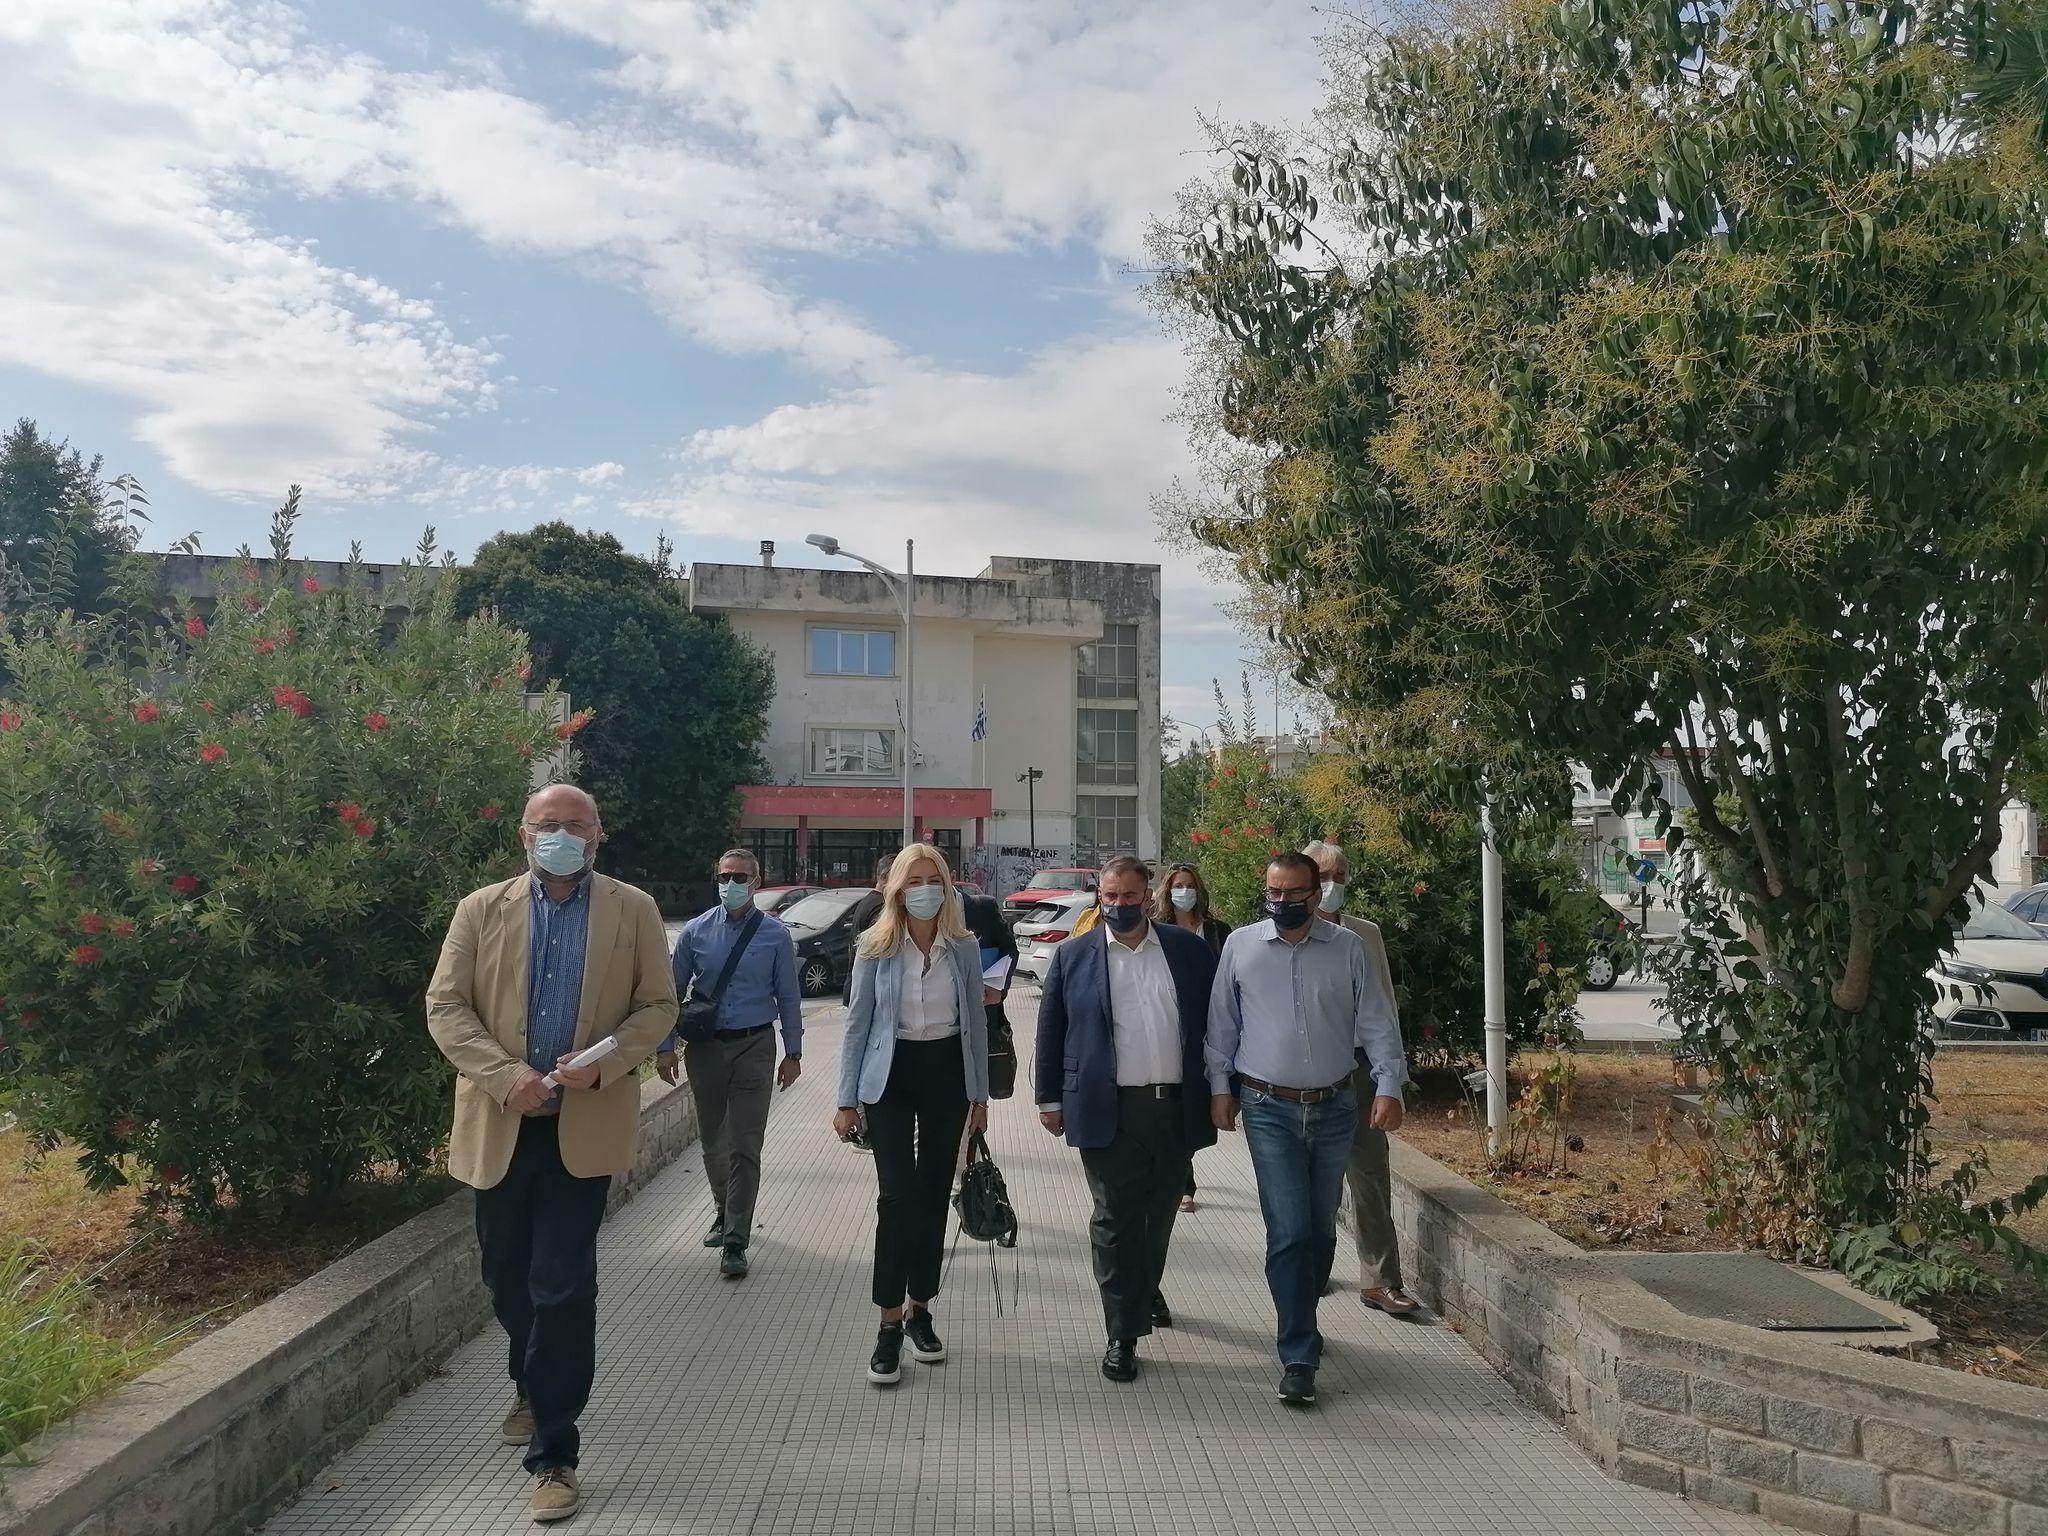 Κλιμάκιο της ΝΔ στη Ροδόπη – Φωτεινή Αραμπατζή: «Οι βουλευτές κοντά στους πολίτες»